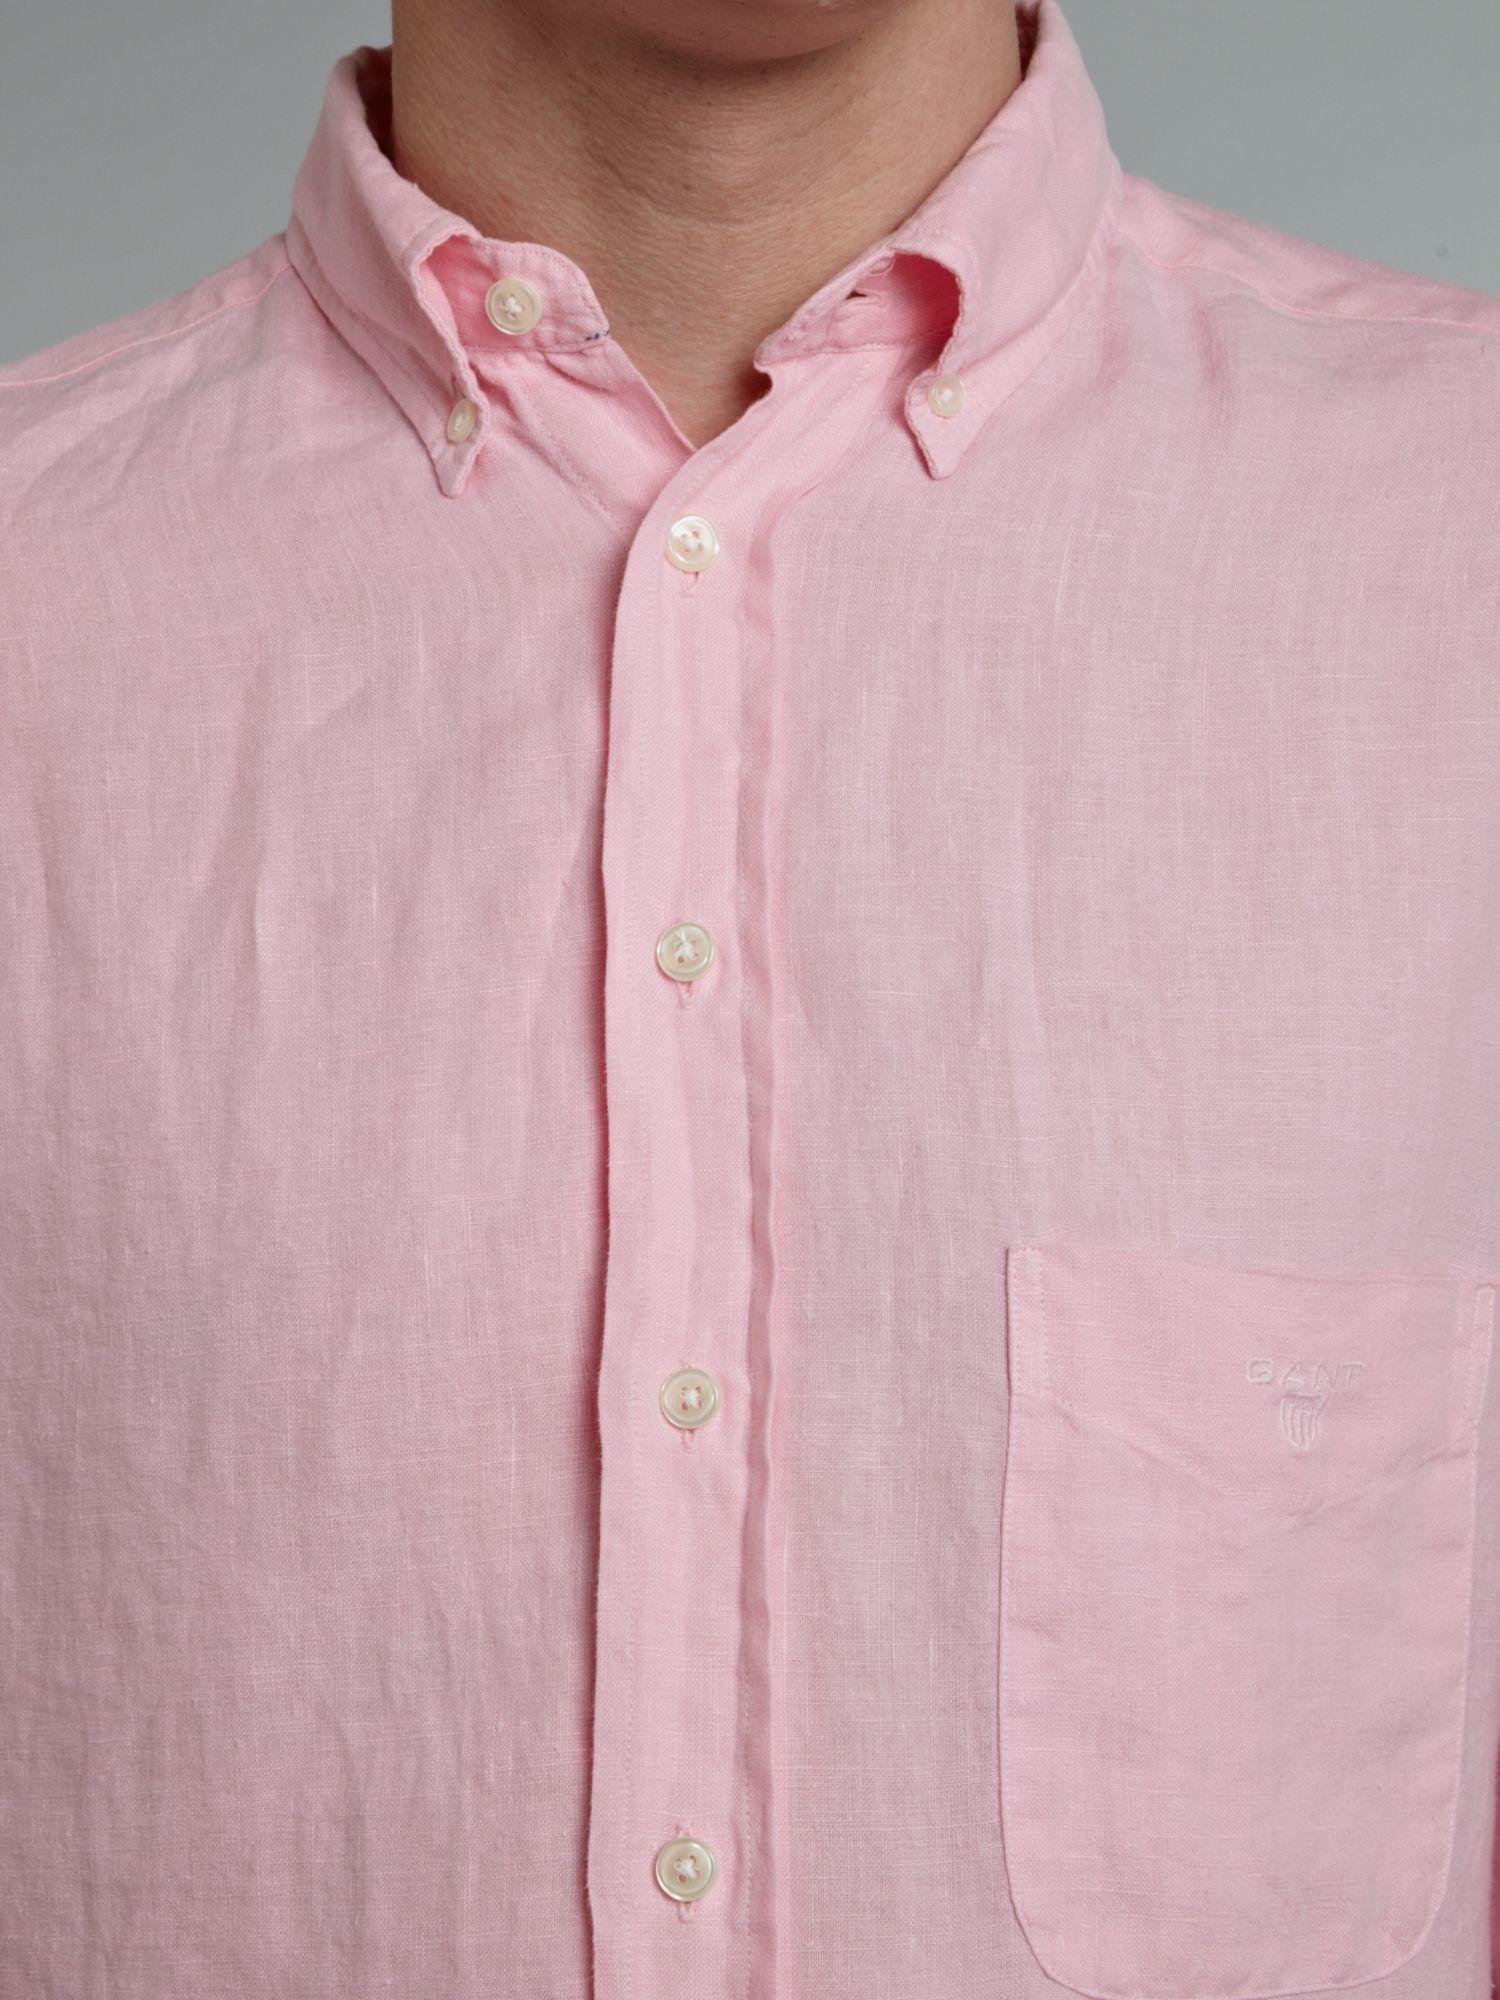 Gant long sleeved linen shirt in pink for men lyst for Mens pink long sleeve shirt